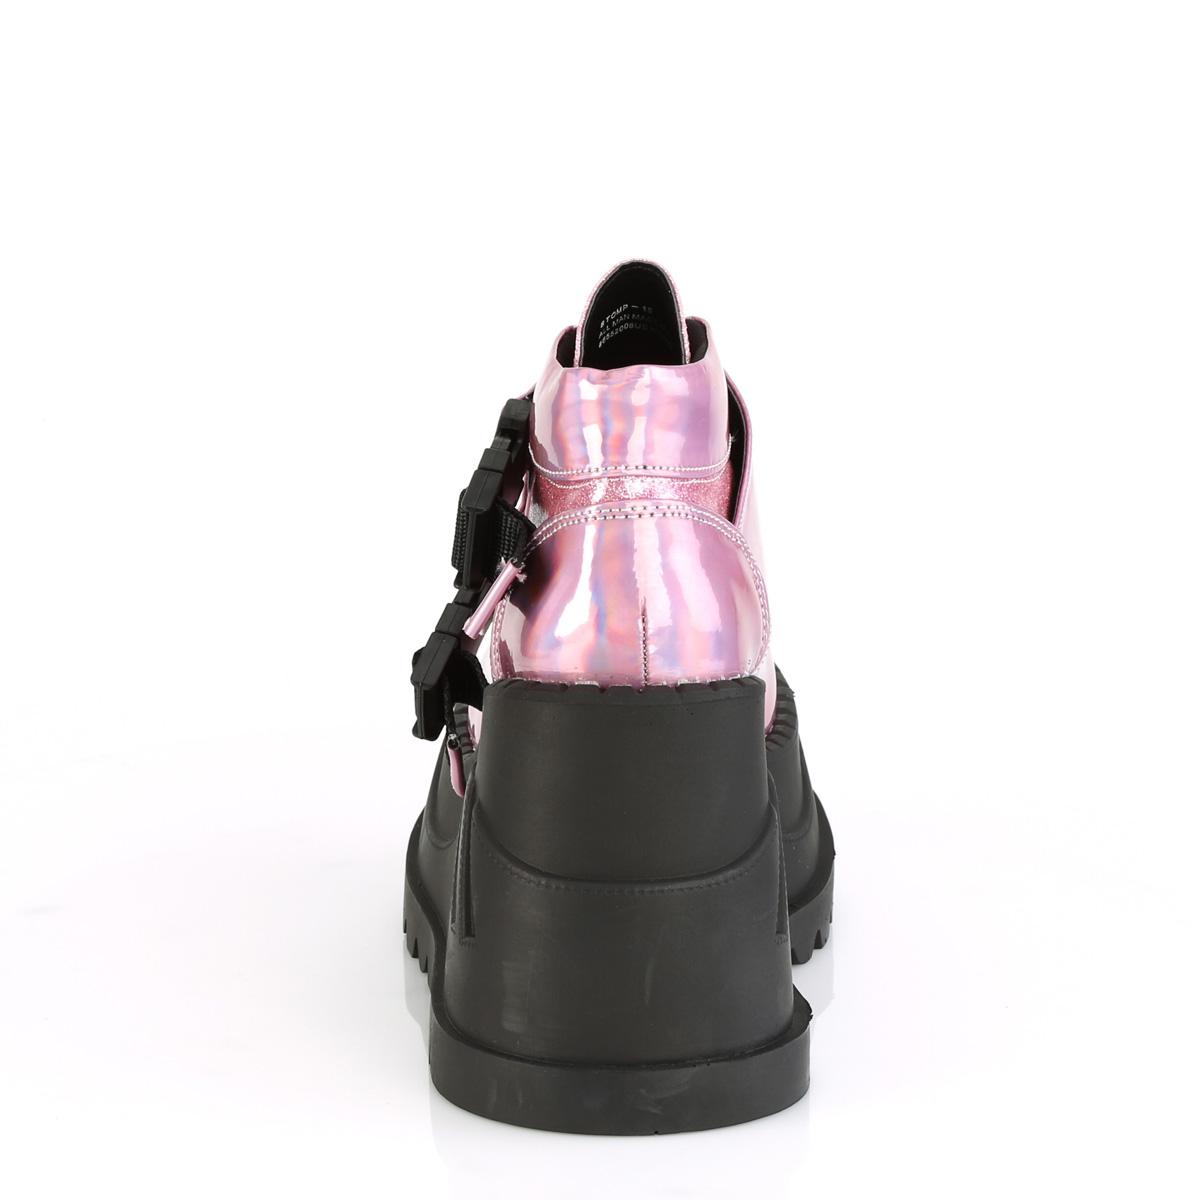 Demonia(デモニア) STOMP-15 厚底スニーカー スナップバックル ピンクホログラムグリッター 4 3/4inch Wedge PF◆取り寄せ